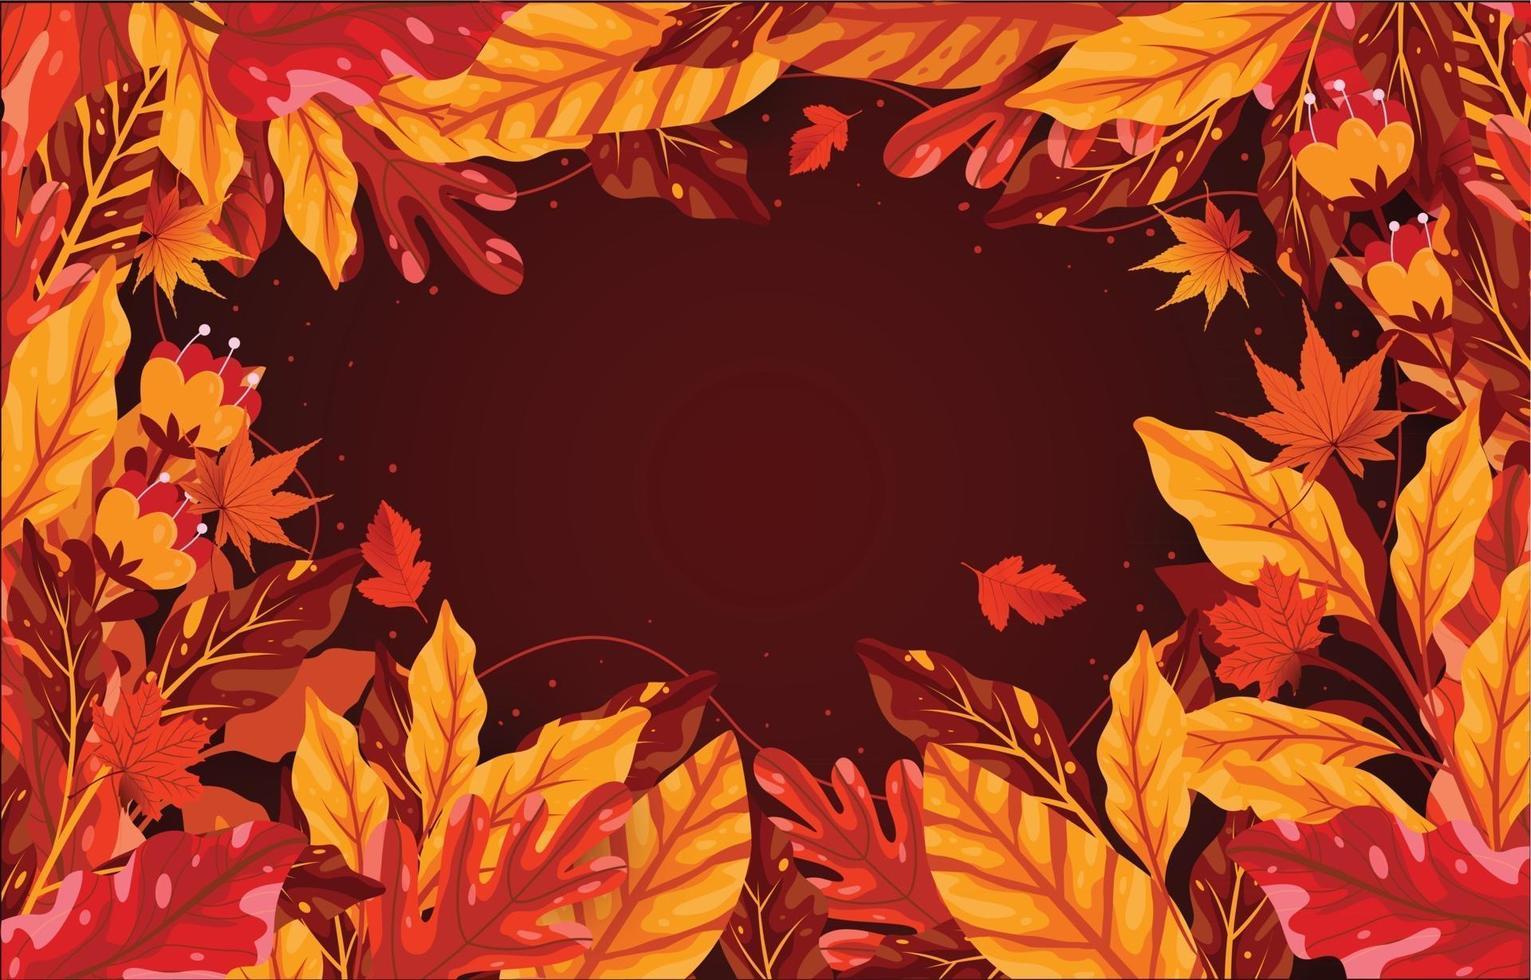 fundo brilhante da borda da folhagem de outono vetor